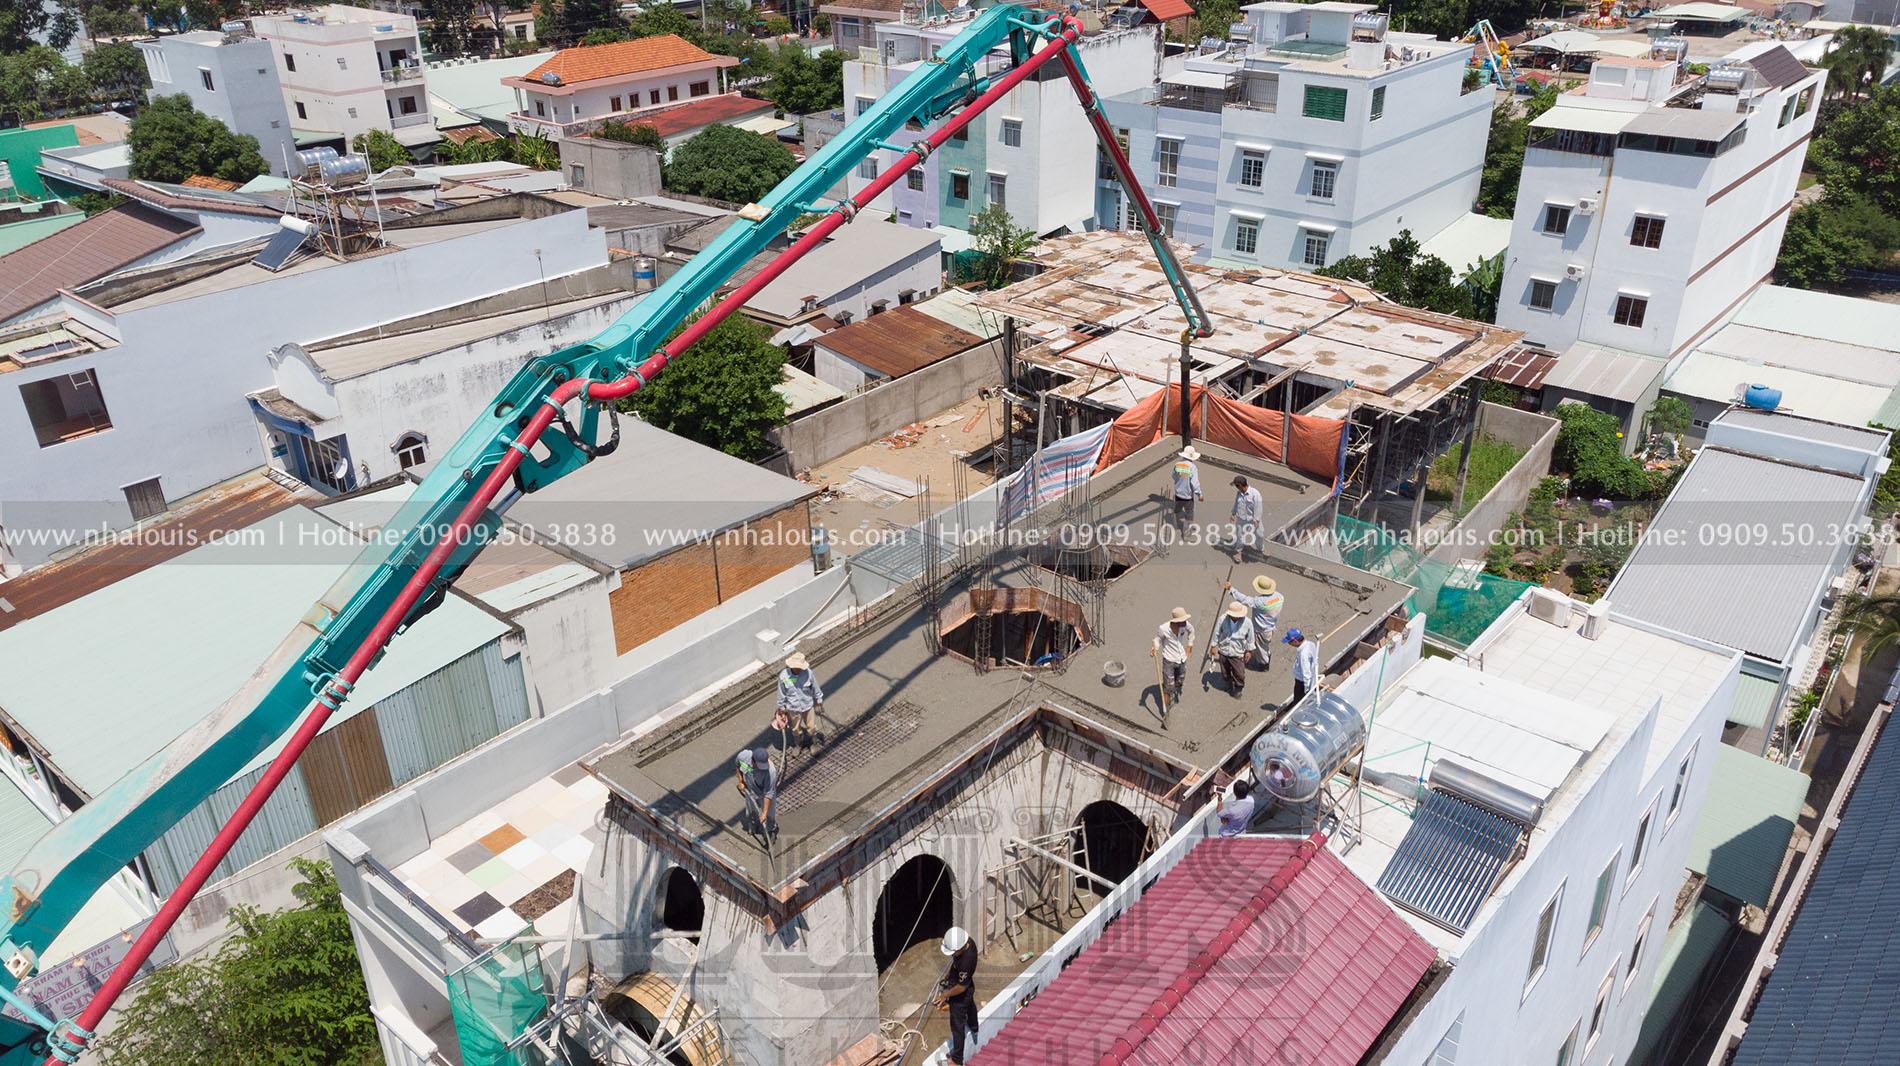 Thi công đổ bê tông mái bằng biệt thự 4 tầng tại Long An